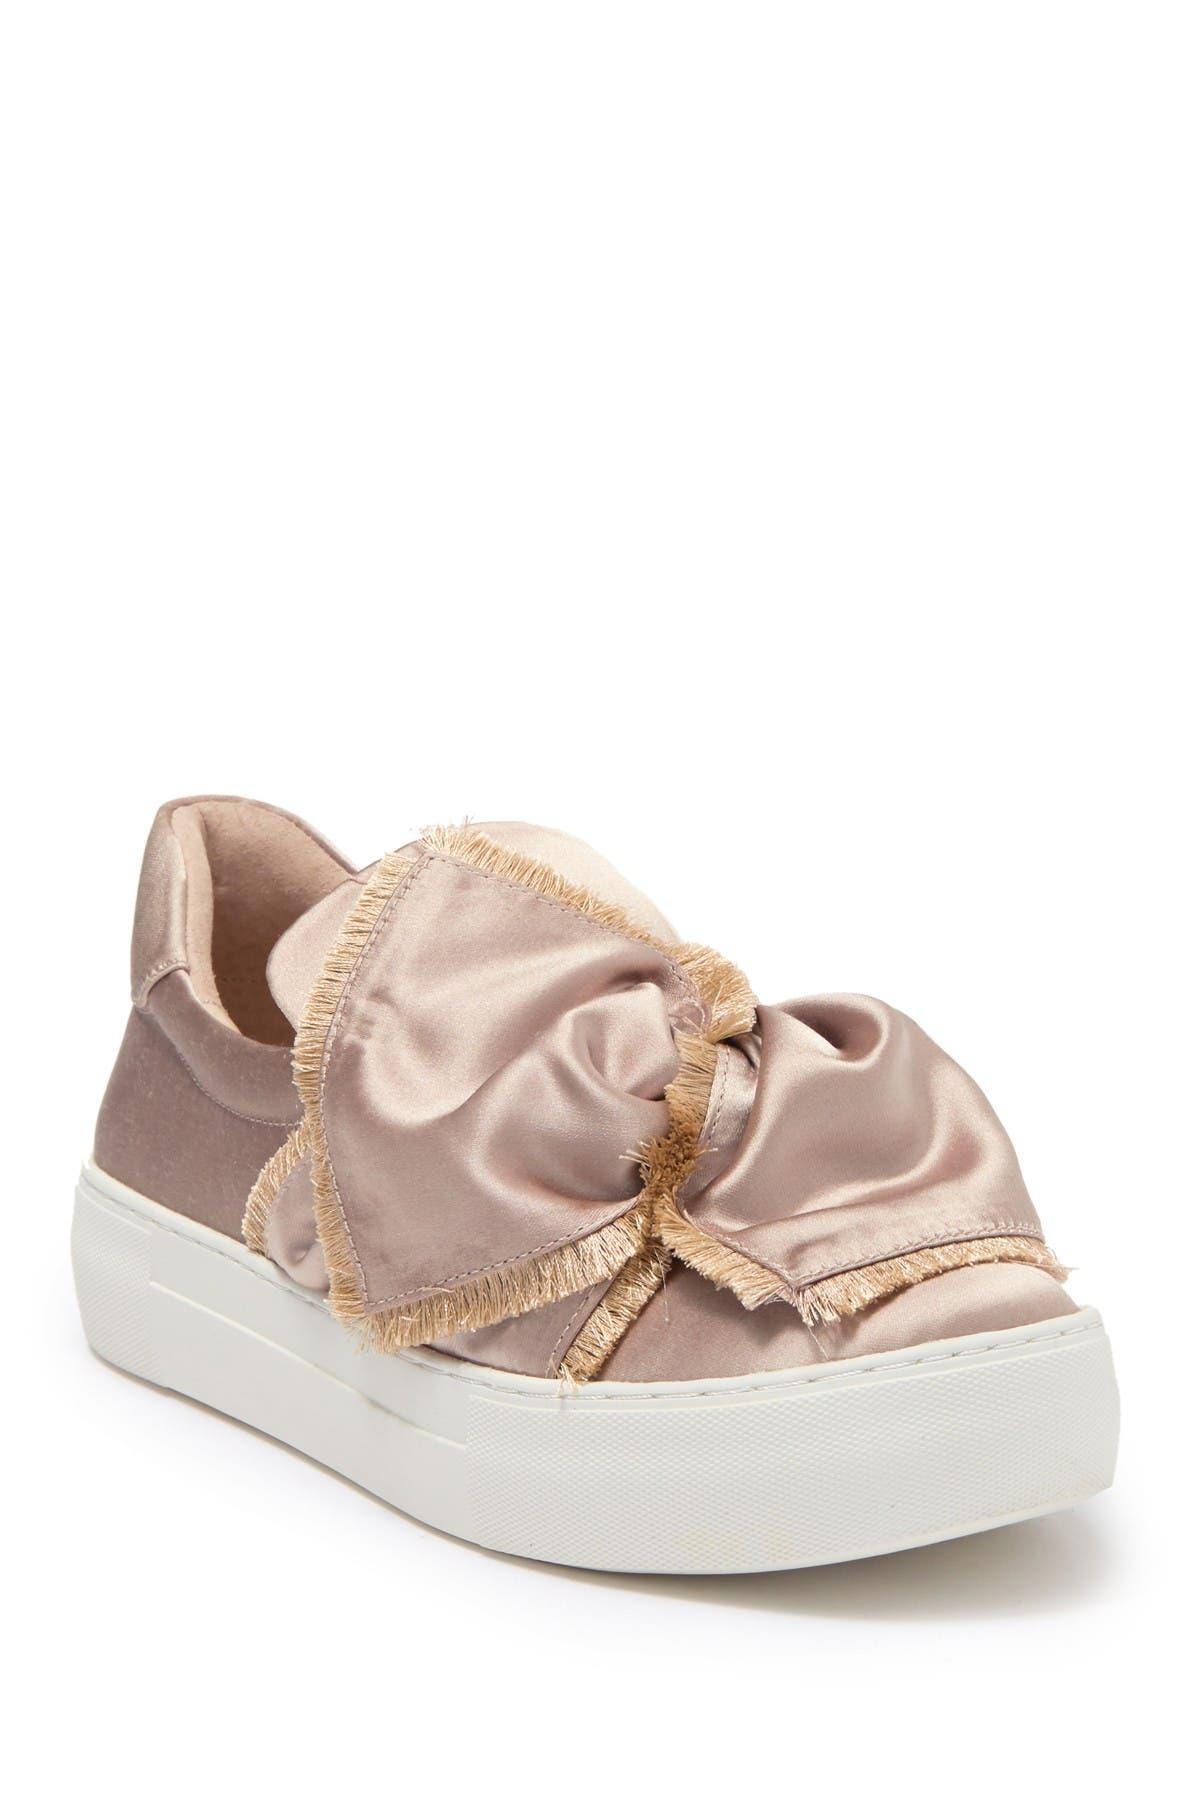 J/Slides   Azzura Satin Slip-On Sneaker